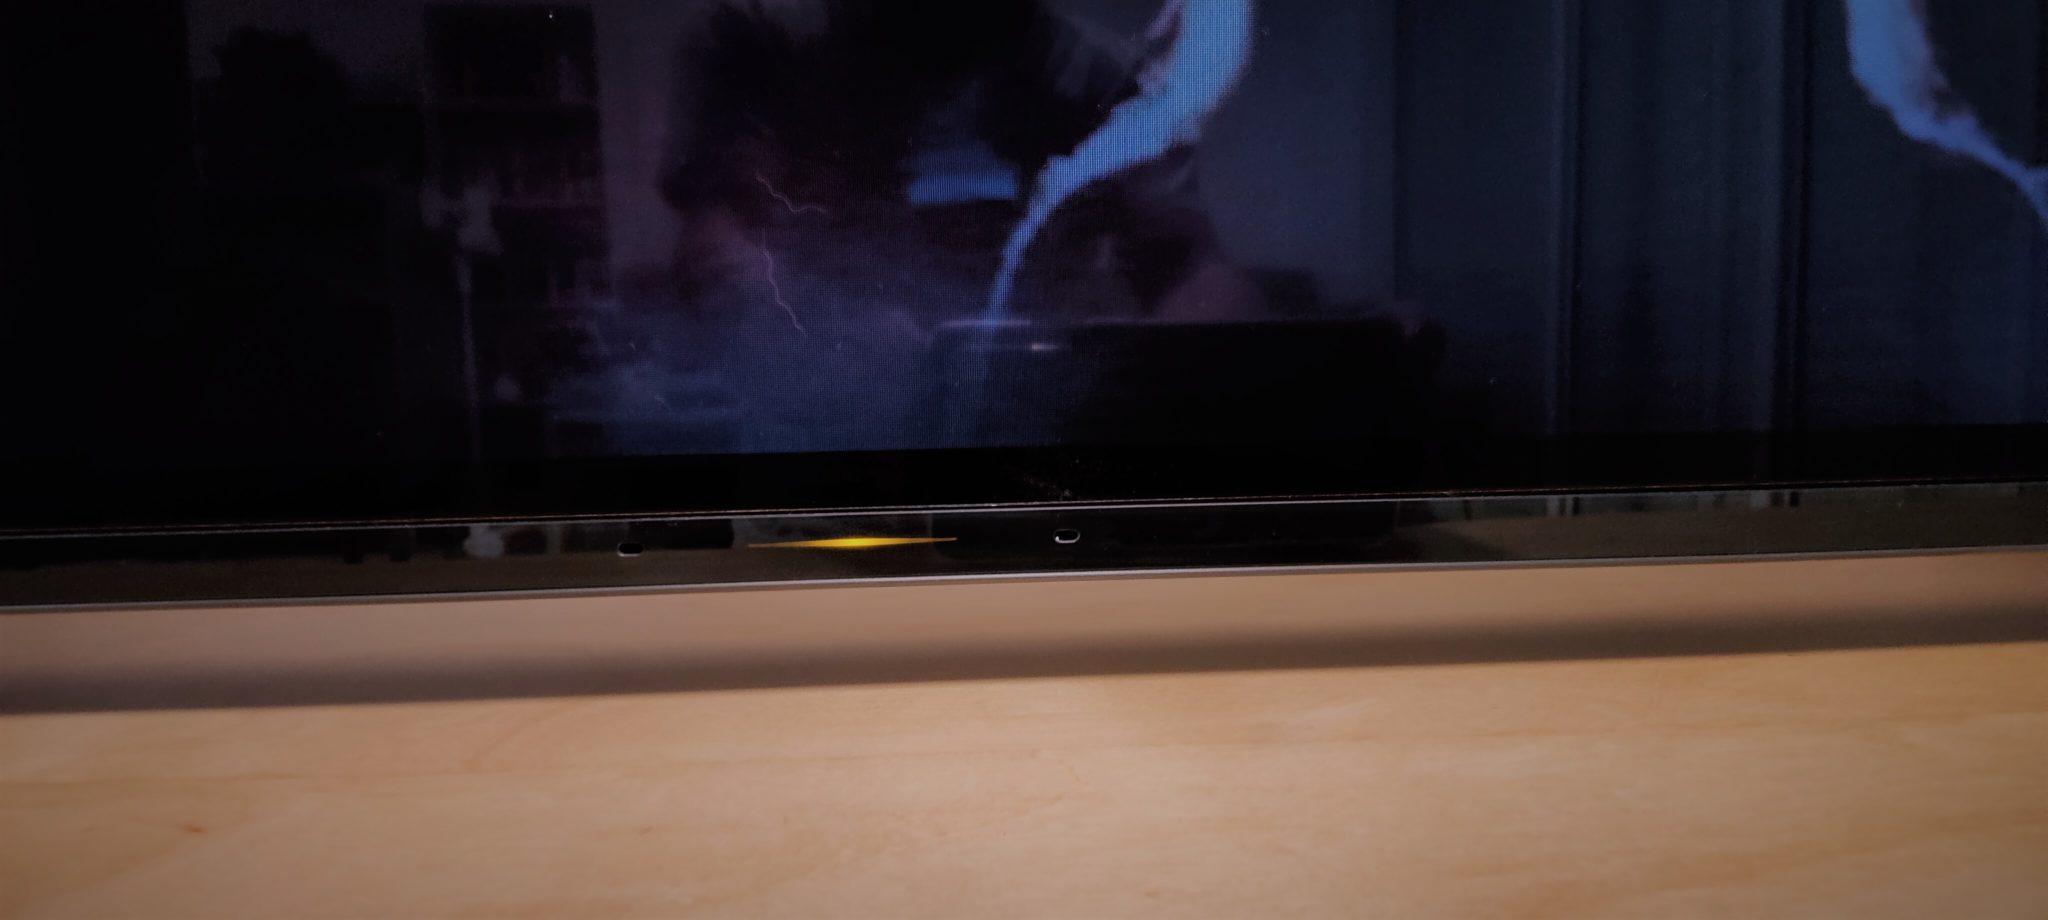 תאורת חיווי Sony Bravia XR-65A83J